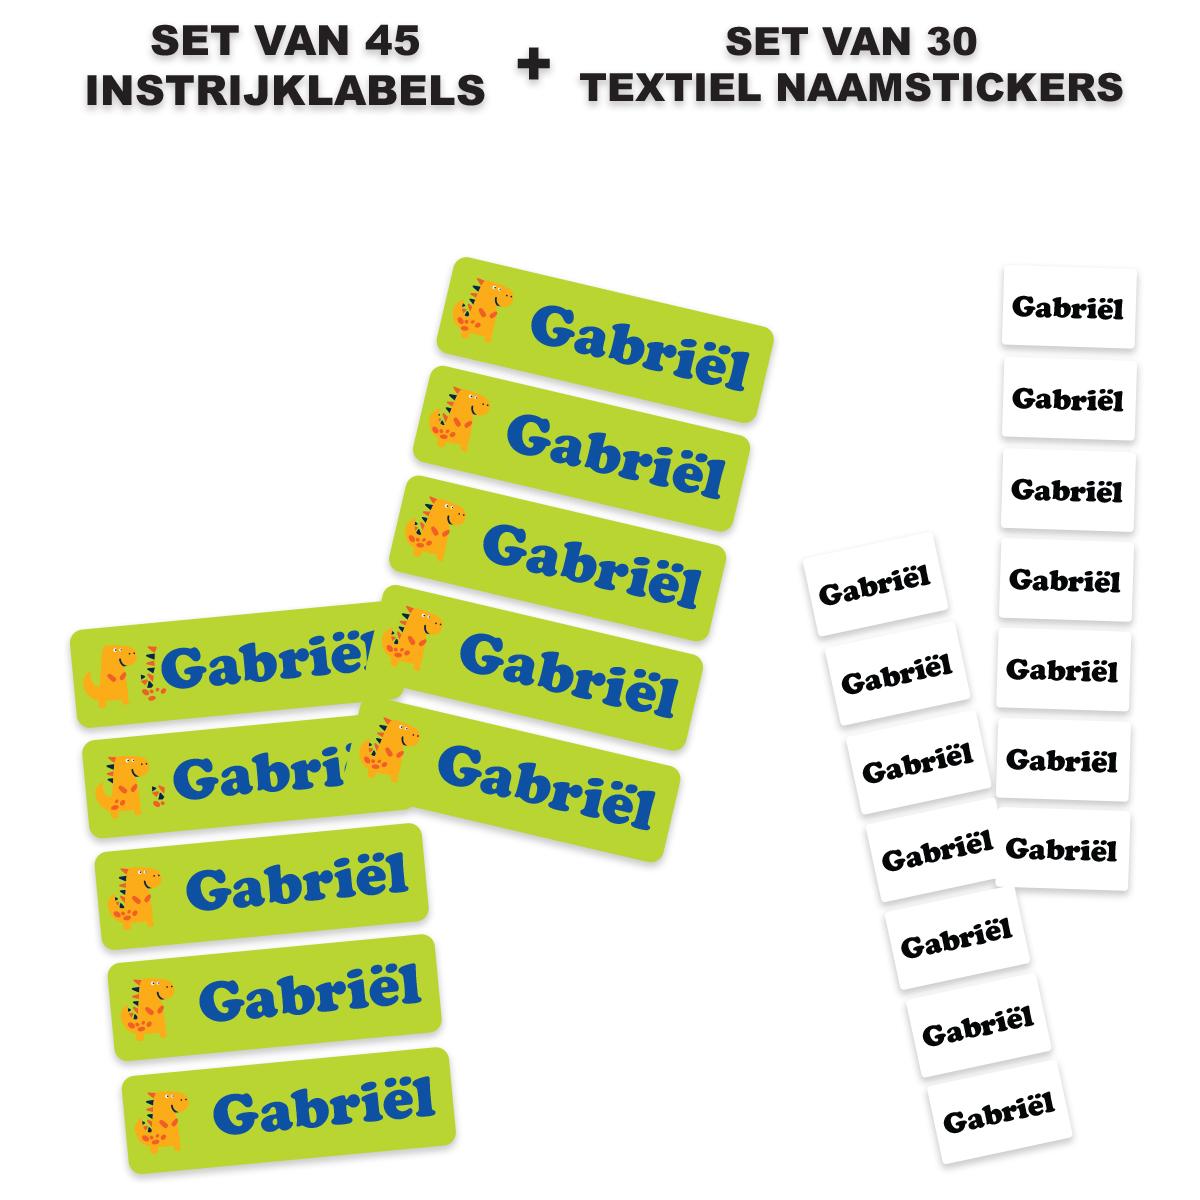 Instrijklabels met naam (45 stuks) + Textiel naamstickers (30 stuks)